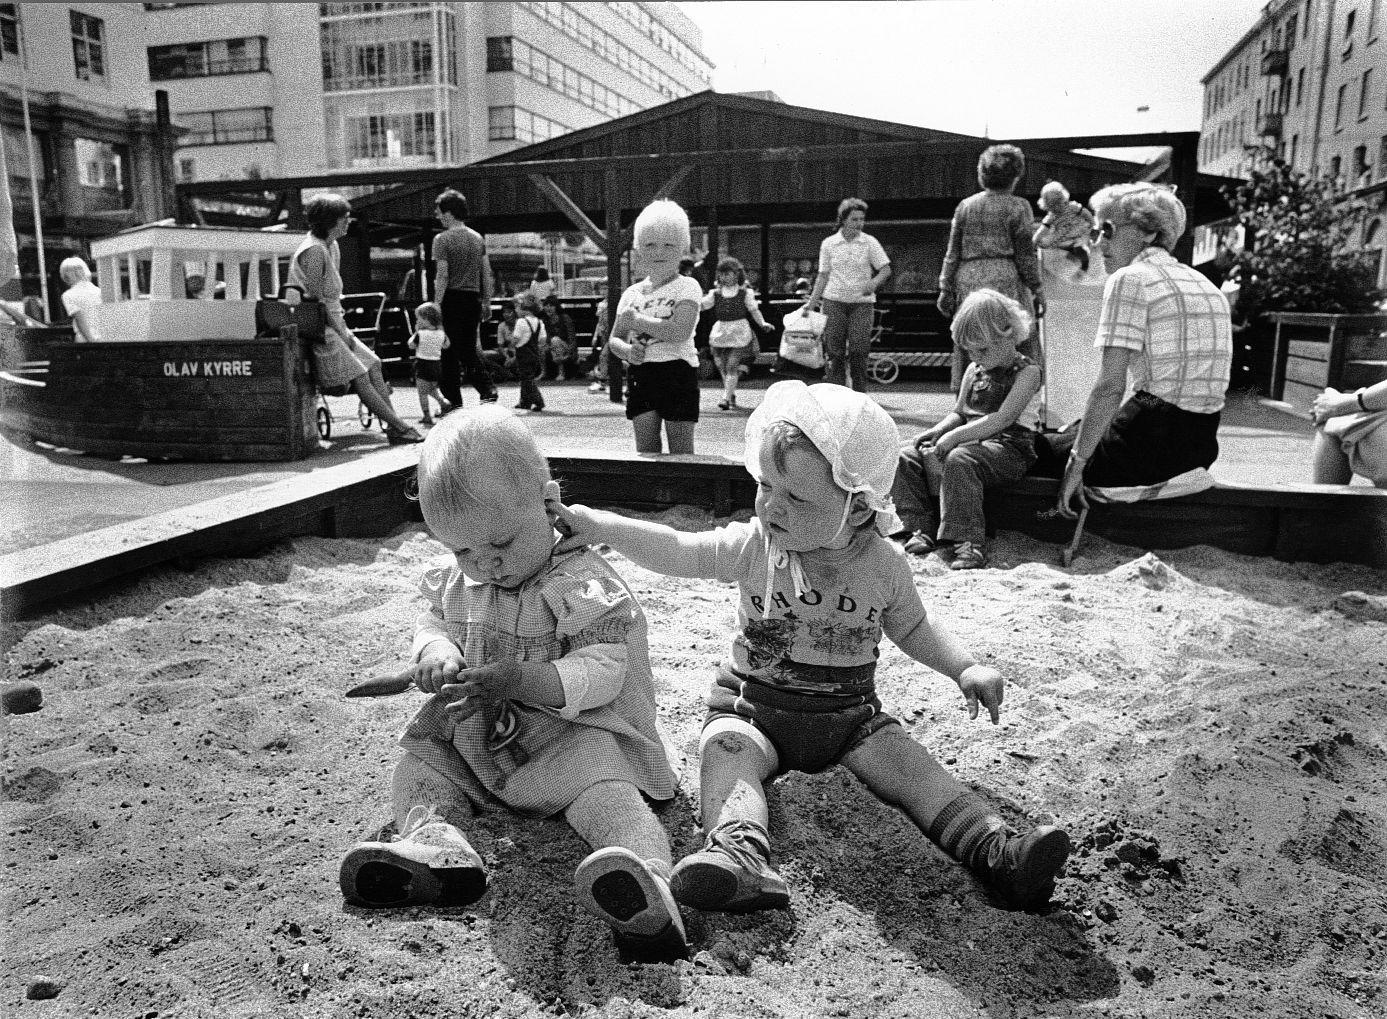 BARNEVENNLIG: Så seint som i 1980-årene var det lekeplass her på Torgallmenningen i hjertet av Bergen sentrum. Noe slikt trenger vi også i dag, mener  Sigmund Selvik fra Fyllingsdalen.